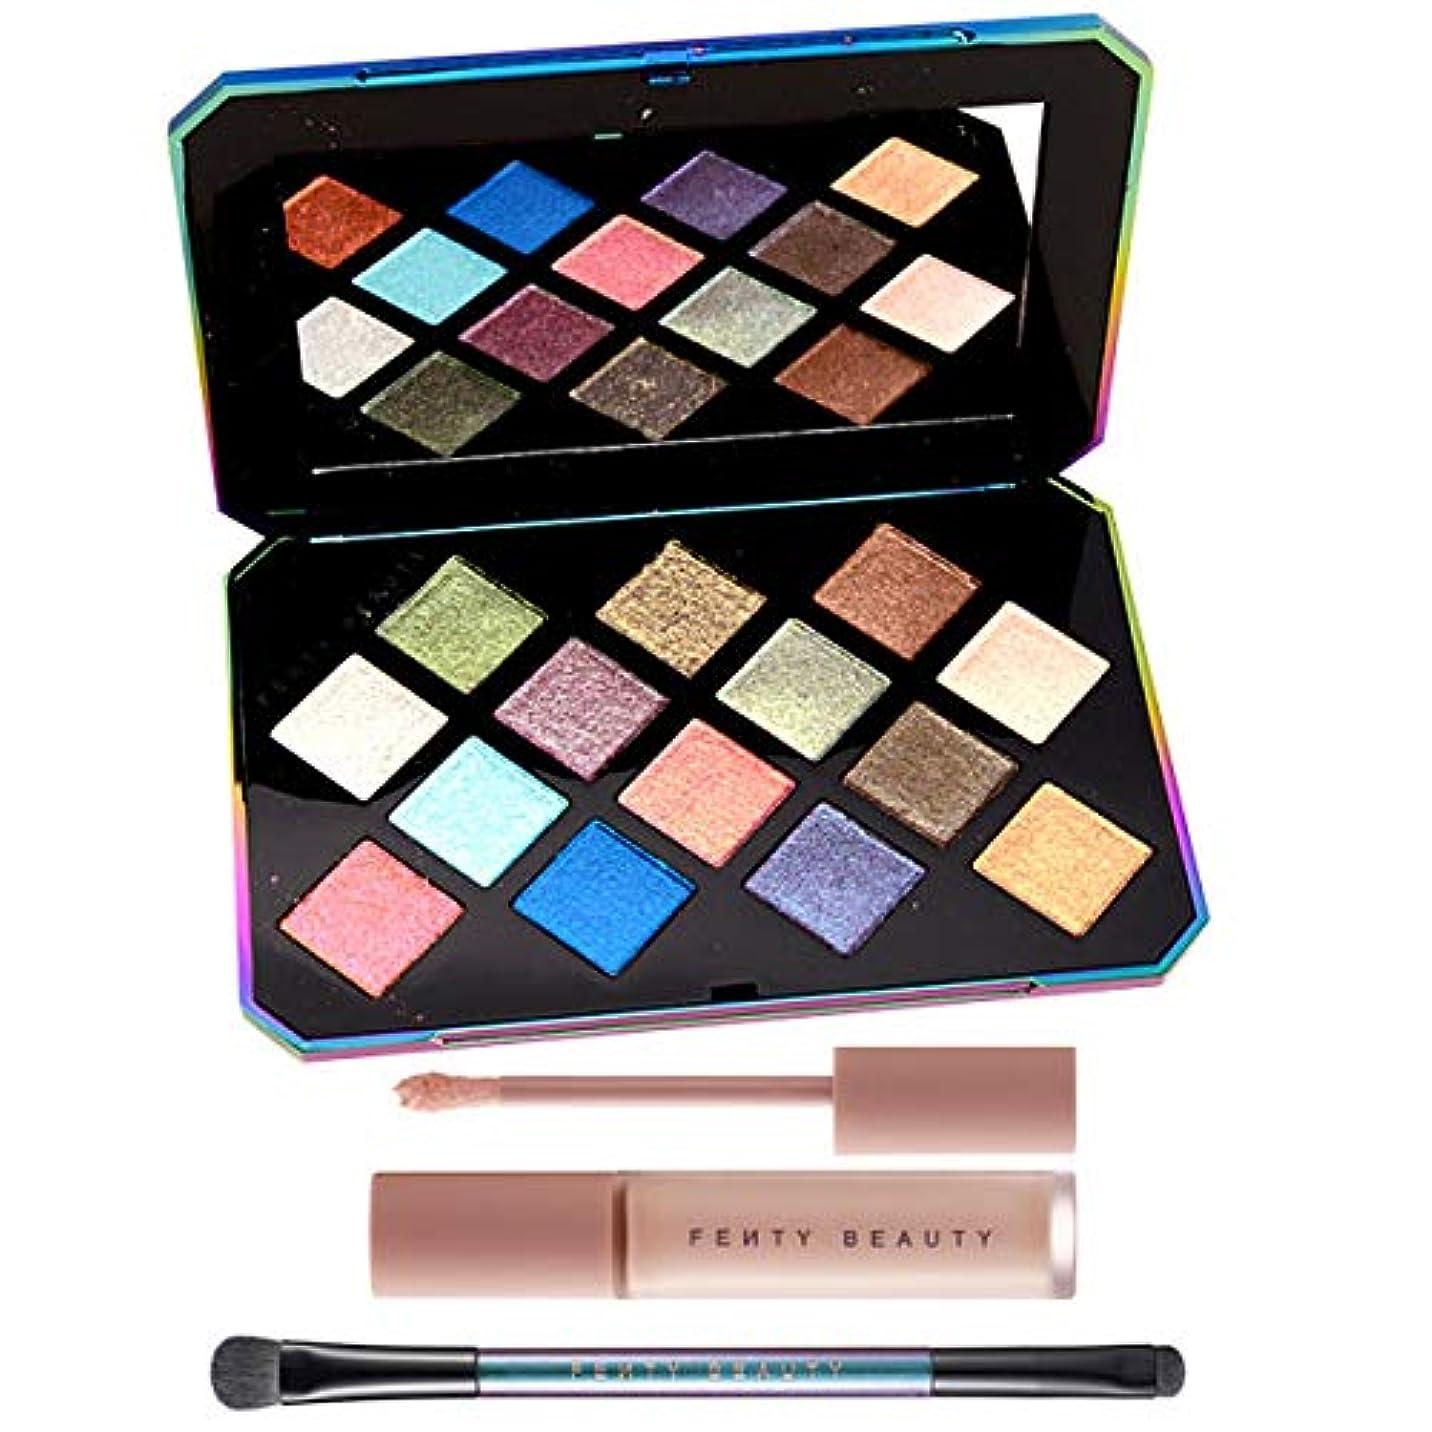 のぞき穴無声でFENTY BEAUTY BY RIHANNA, GALAXY Eyeshadow Palette & Eye Essentials [海外直送品] [並行輸入品]